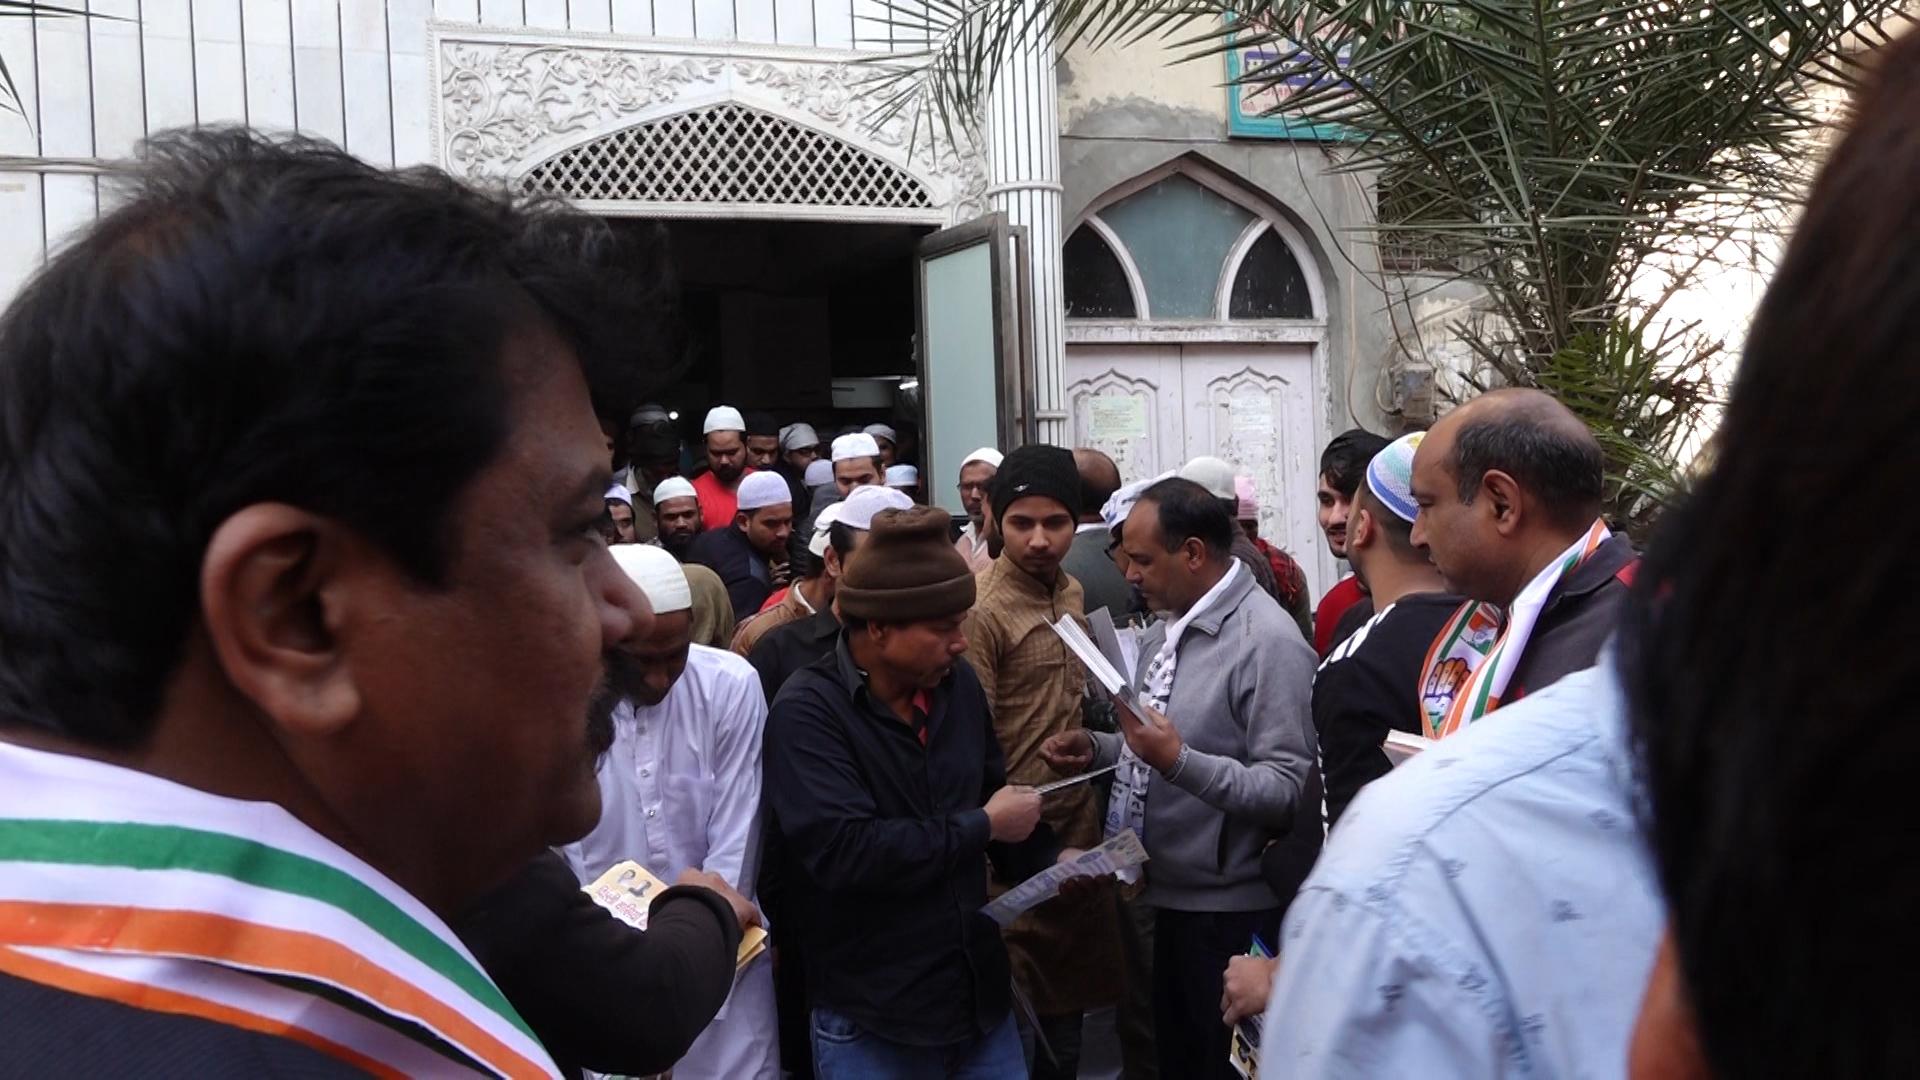 منڈاولی کے ایک مسجد میں عآپ اور کانگریس کارکن پرچہ بانٹتے ہوئے(فوٹو : دی وائر)